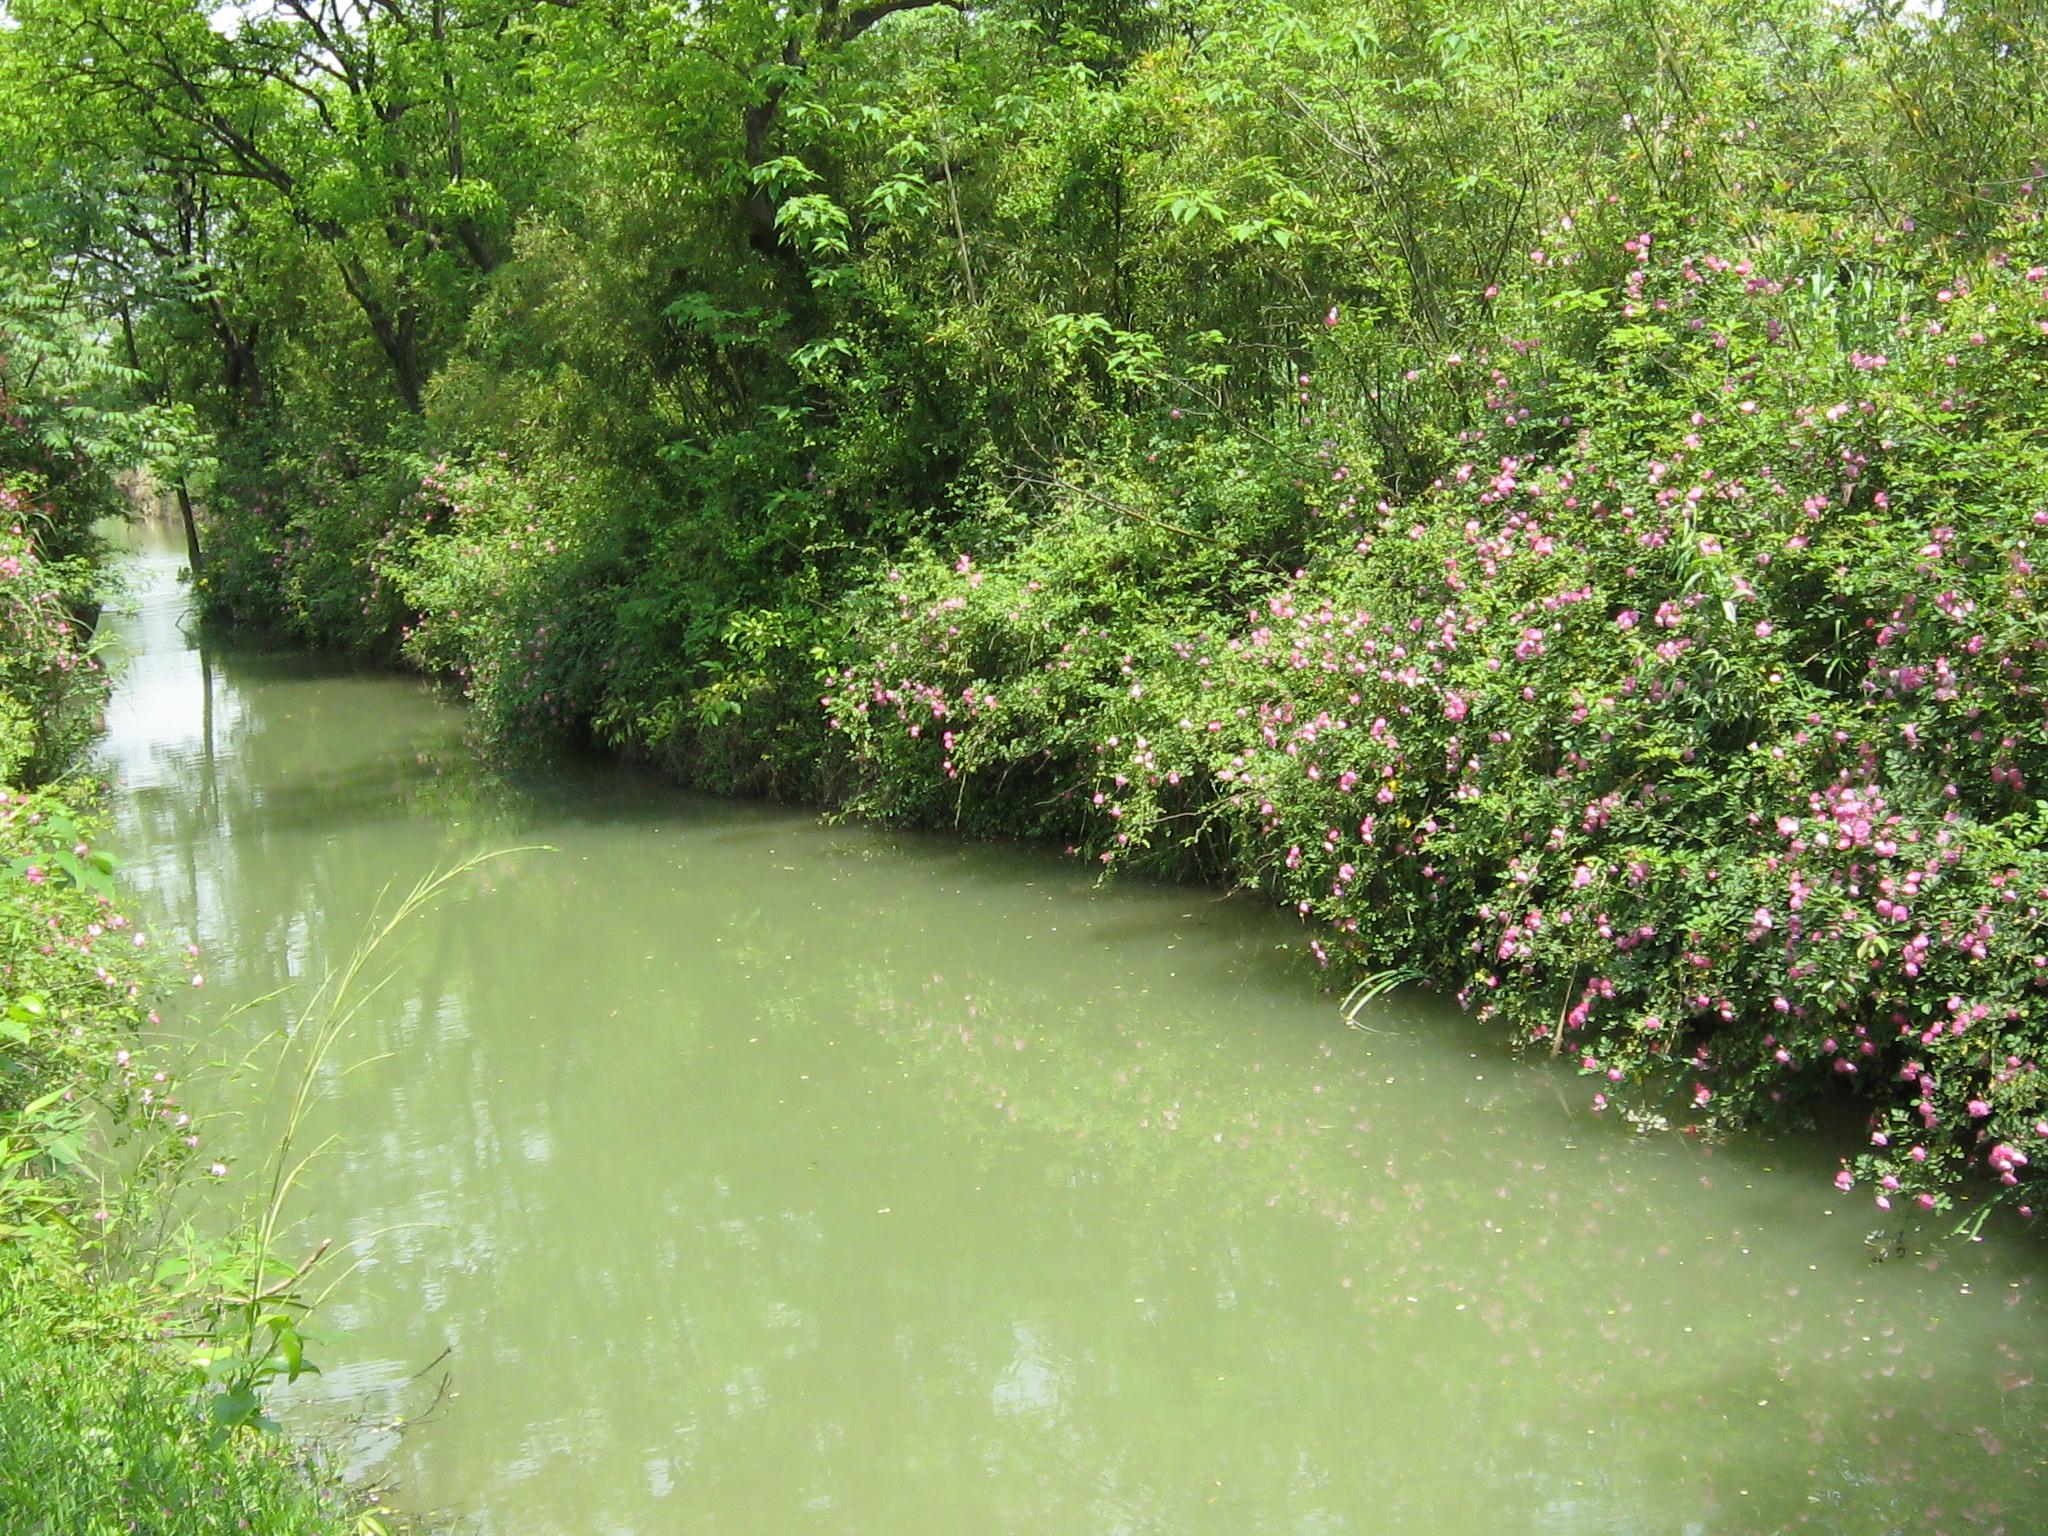 【攜程攻略】浙江西溪國家濕地公園景點.去過西溪濕地兩次。第一次是09年4月。《非誠勿擾》不僅火了北海道